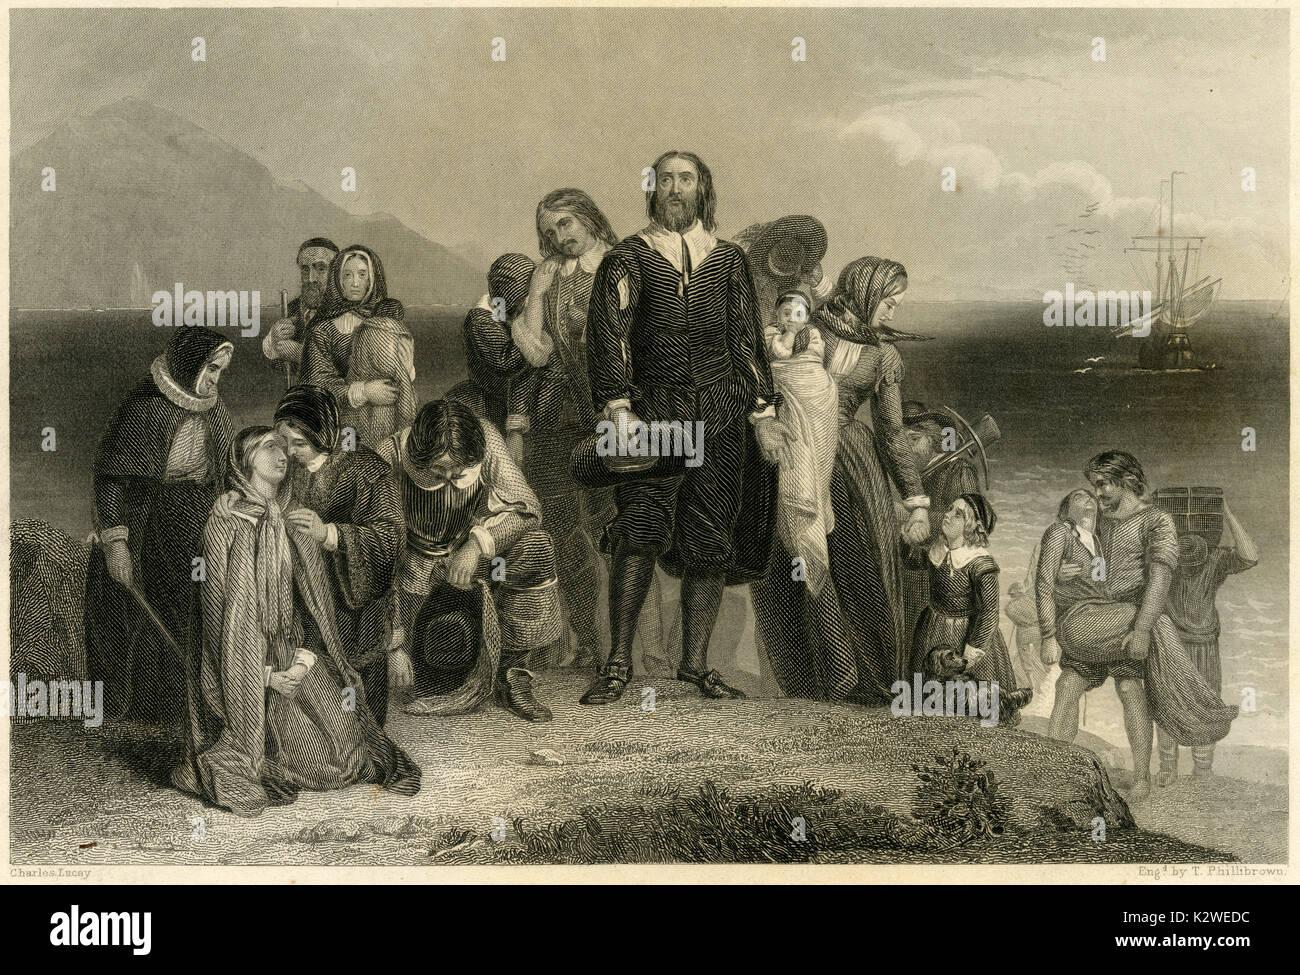 """Antike 1856 Gravur von """"Landung der Pilgerväter' von Charles Lucy (1814-1873). Quelle: ORIGINAL STAHLSTICH. Stockbild"""